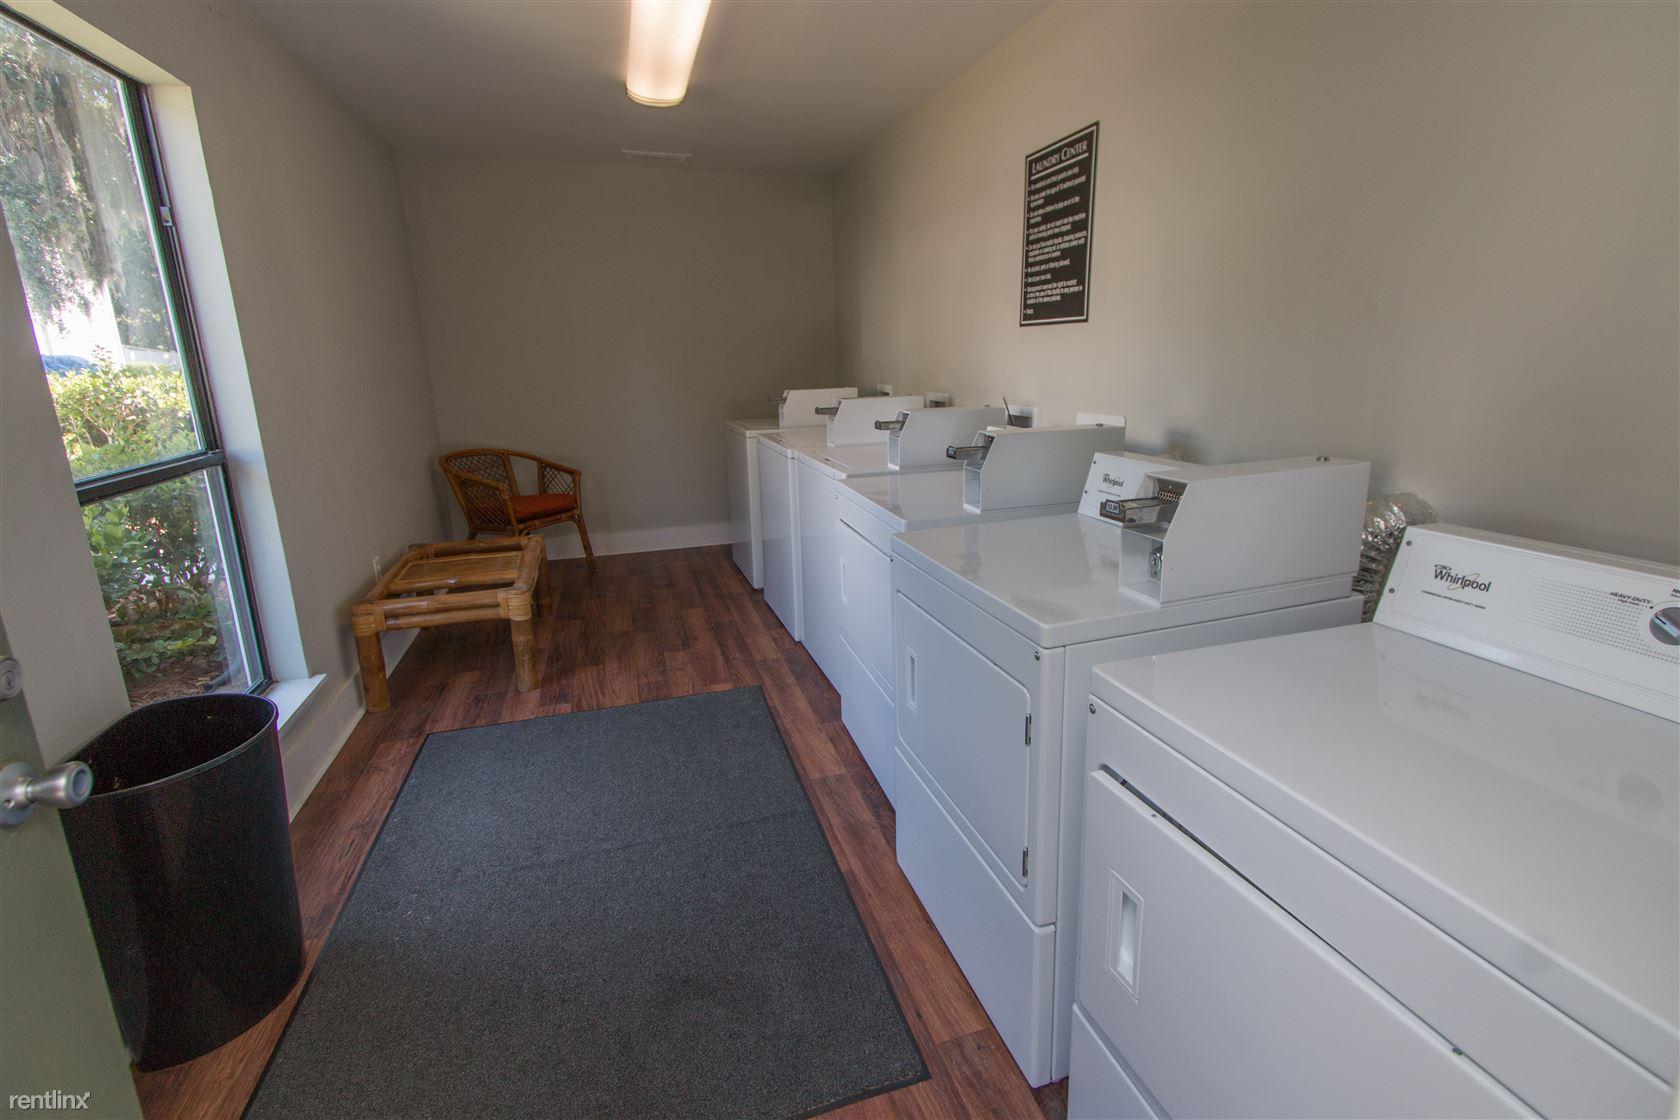 Viera at Whitemarsh Laundry Center